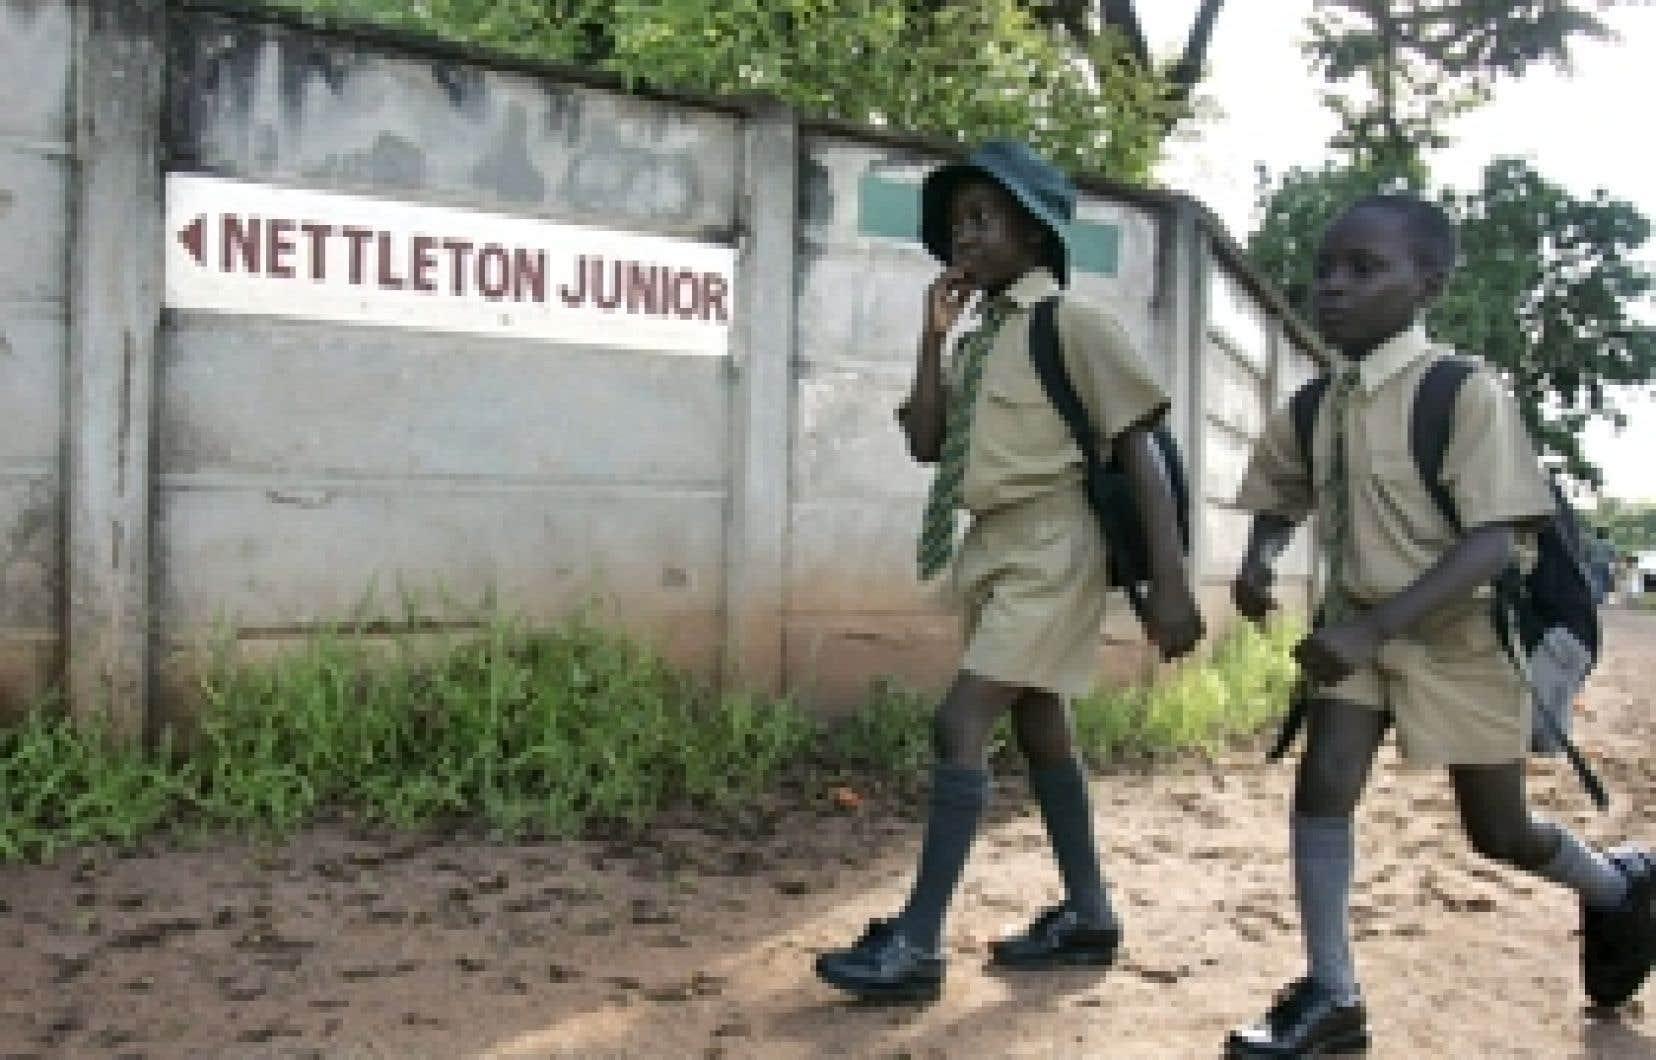 Pendant que les politiciens discutent, la crise économique et financière est loin de se résorber au Zimbabwe. Une grève des enseignants, qui veulent être payé en monnaie étrangère, a perturbé la rentrée scolaire hier.